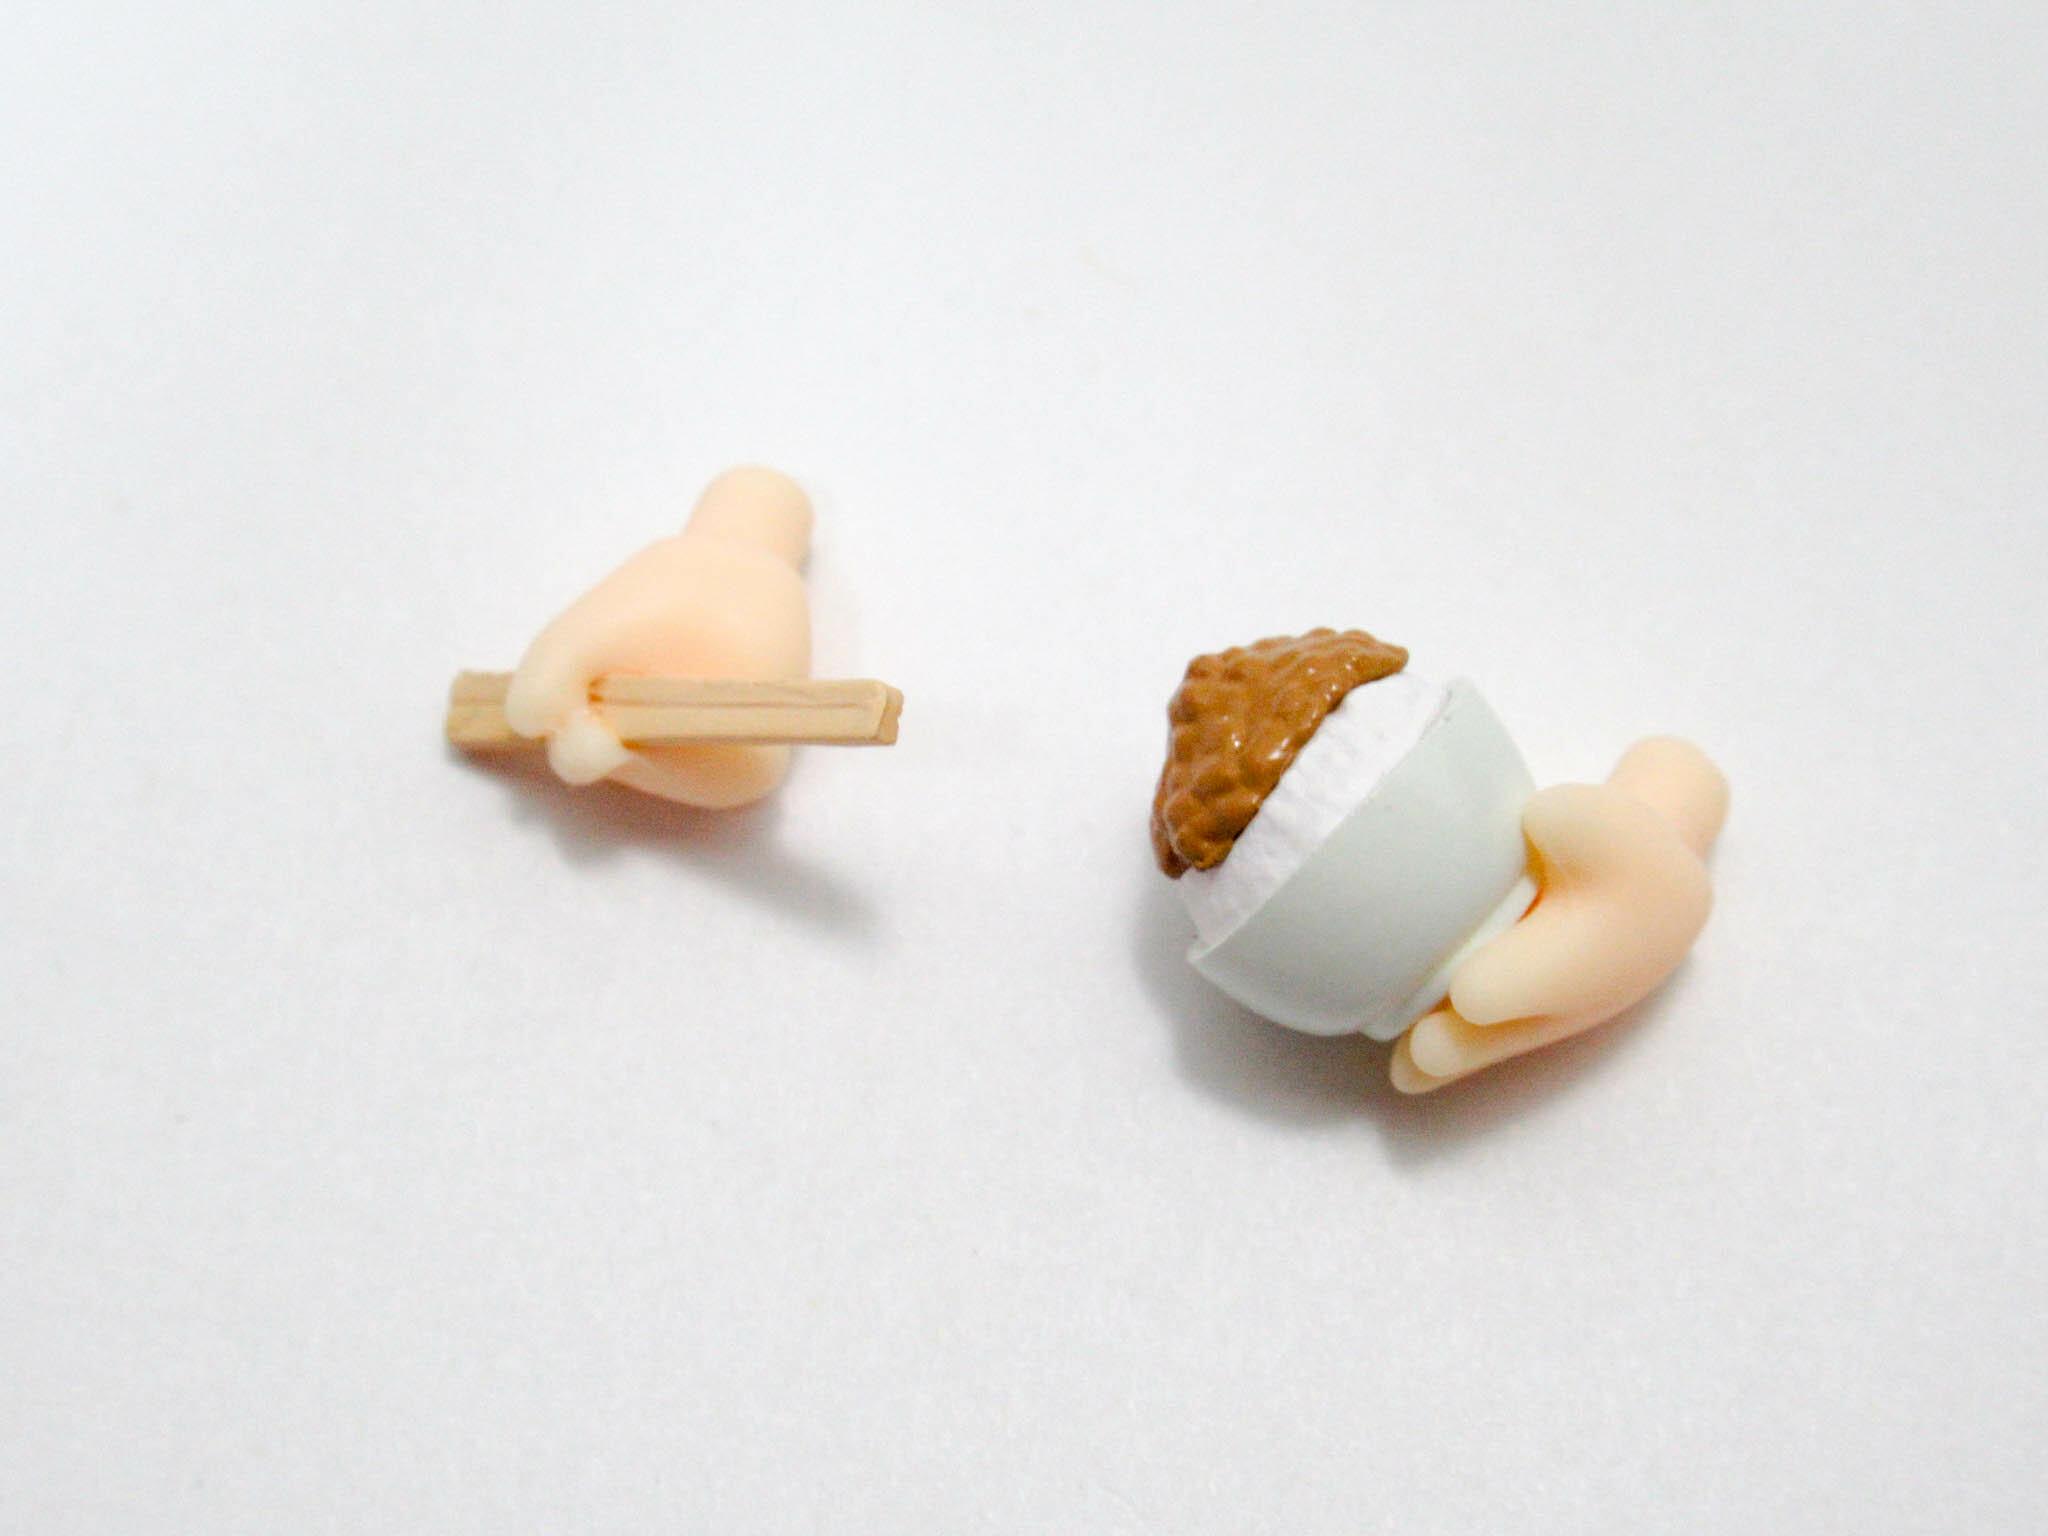 再入荷【1082】 奥村英二 小物パーツ お箸と納豆ご飯 ねんどろいど